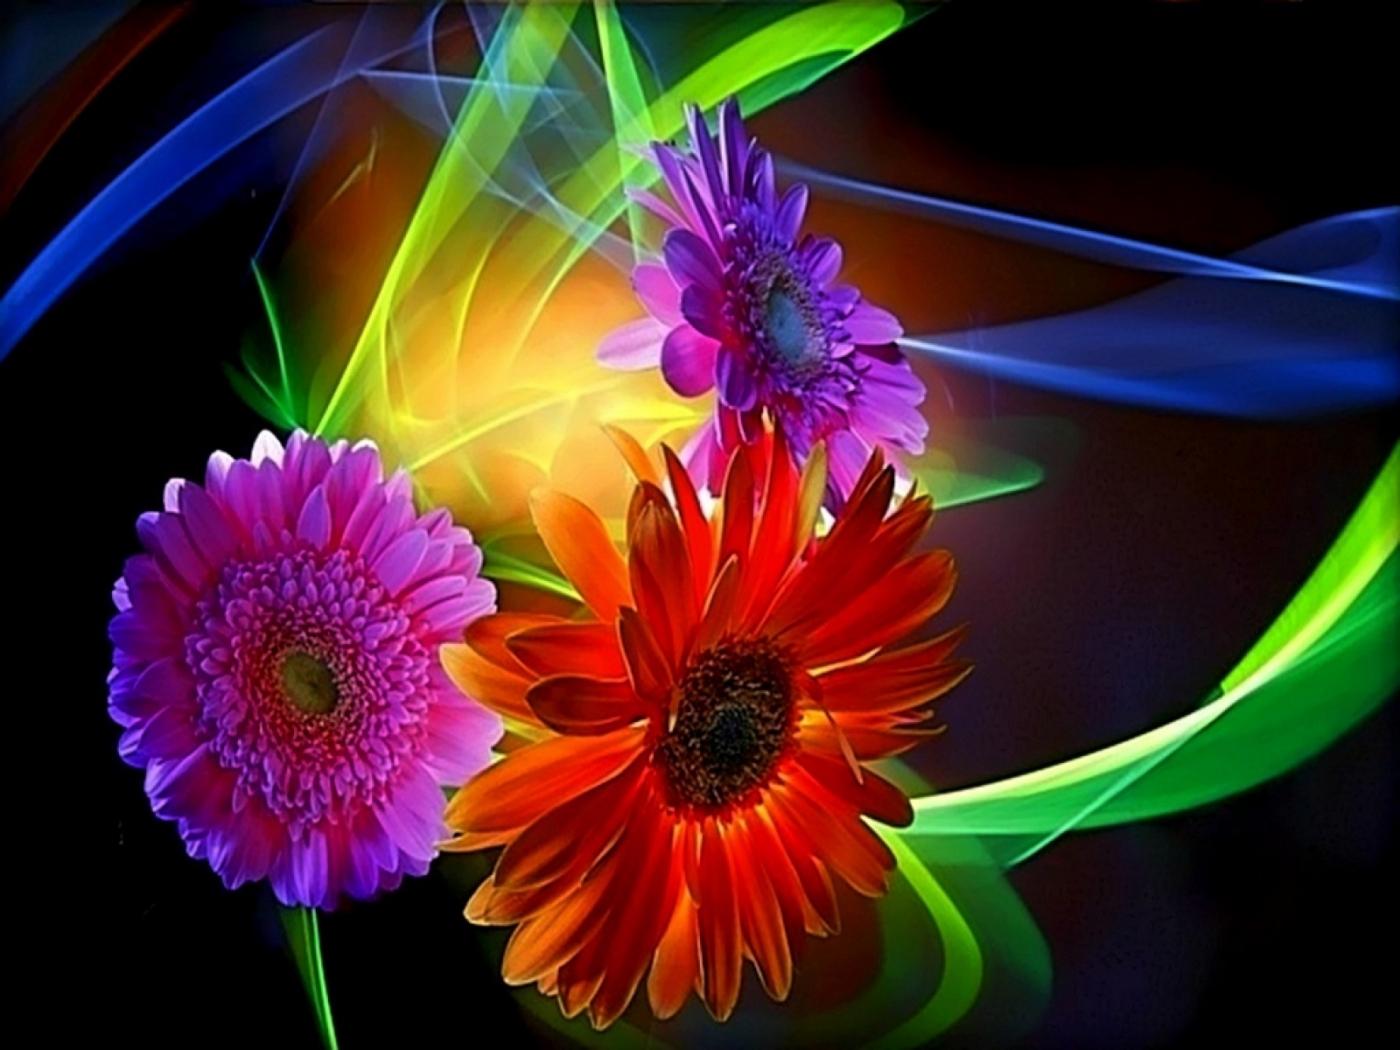 23290 Заставки и Обои Растения на телефон. Скачать Растения, Цветы картинки бесплатно